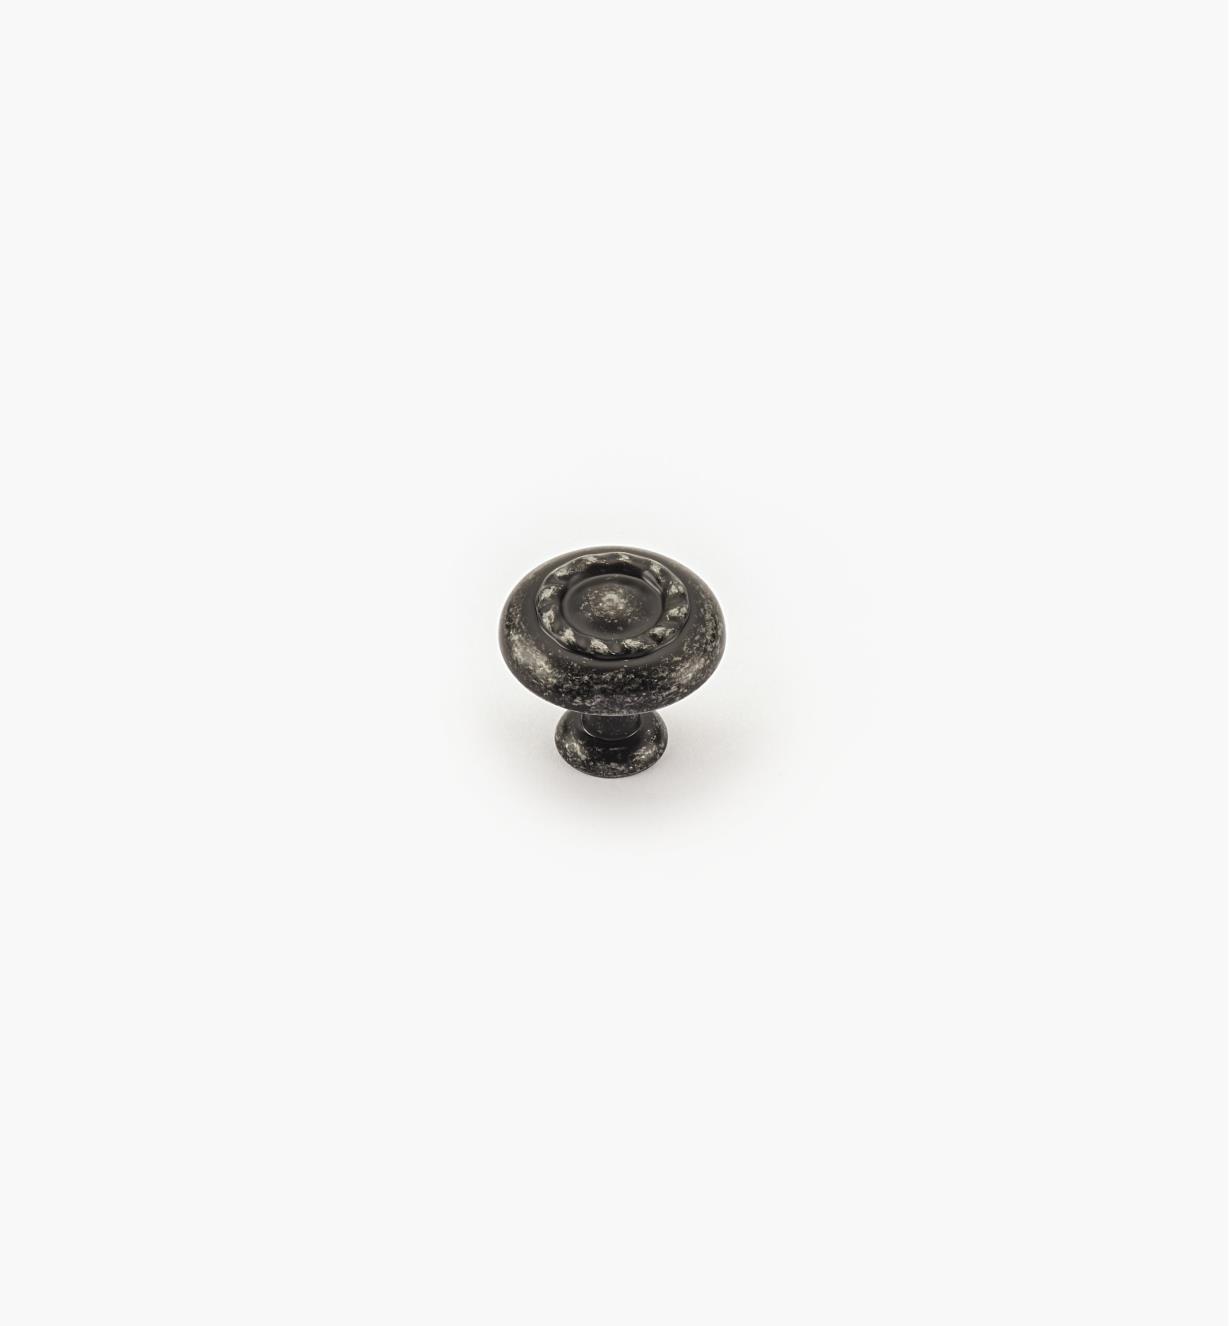 02A0704 - Bouton à motif cordé de 1 1/4 po, série Inspirations, fini fer forgé